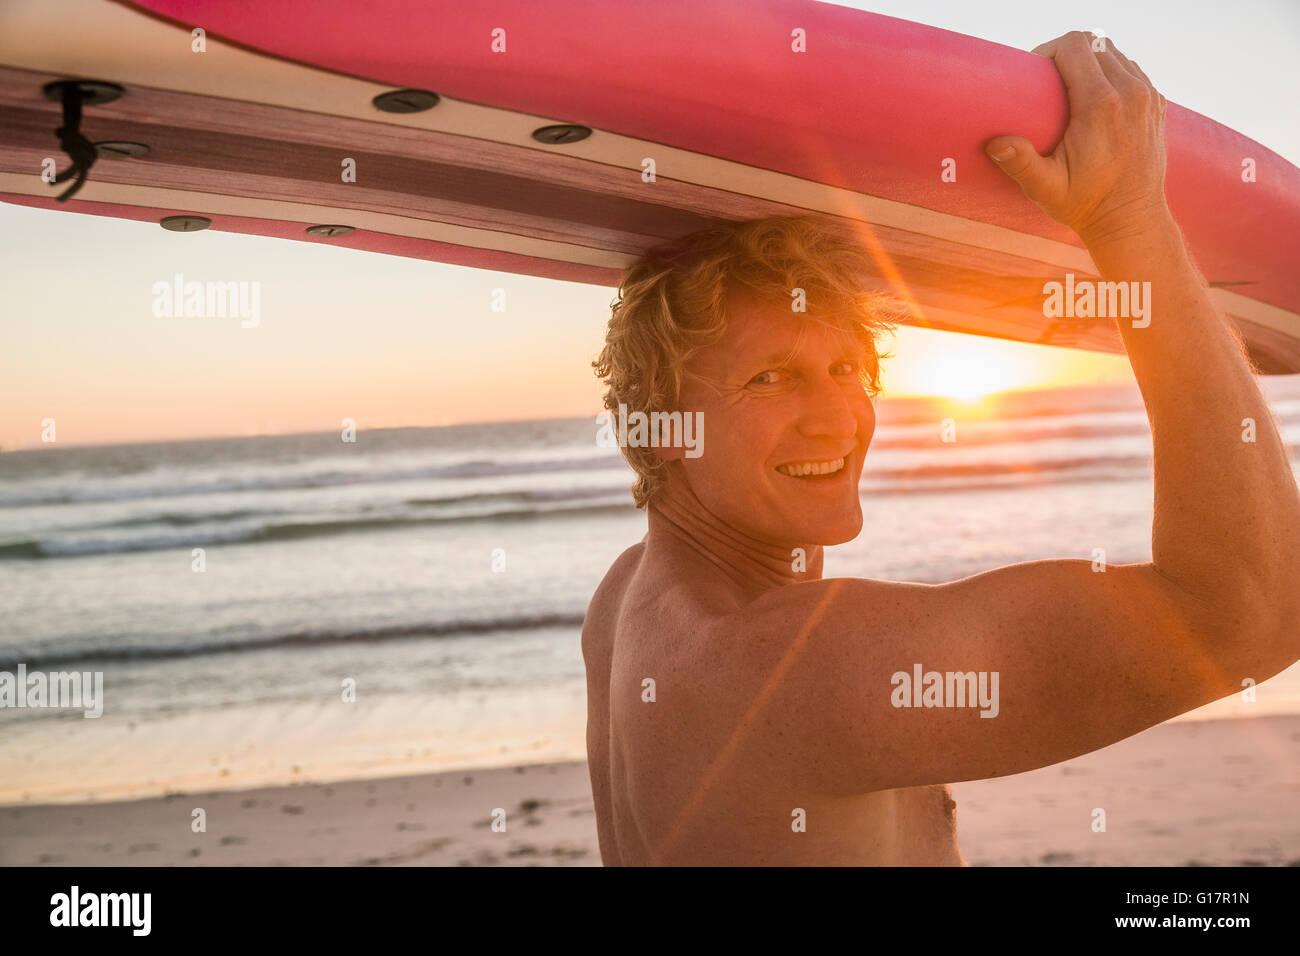 Hombre en playa Surf llevando sobre la cabeza mirando por encima del hombro a la cámara sonriendo Foto de stock